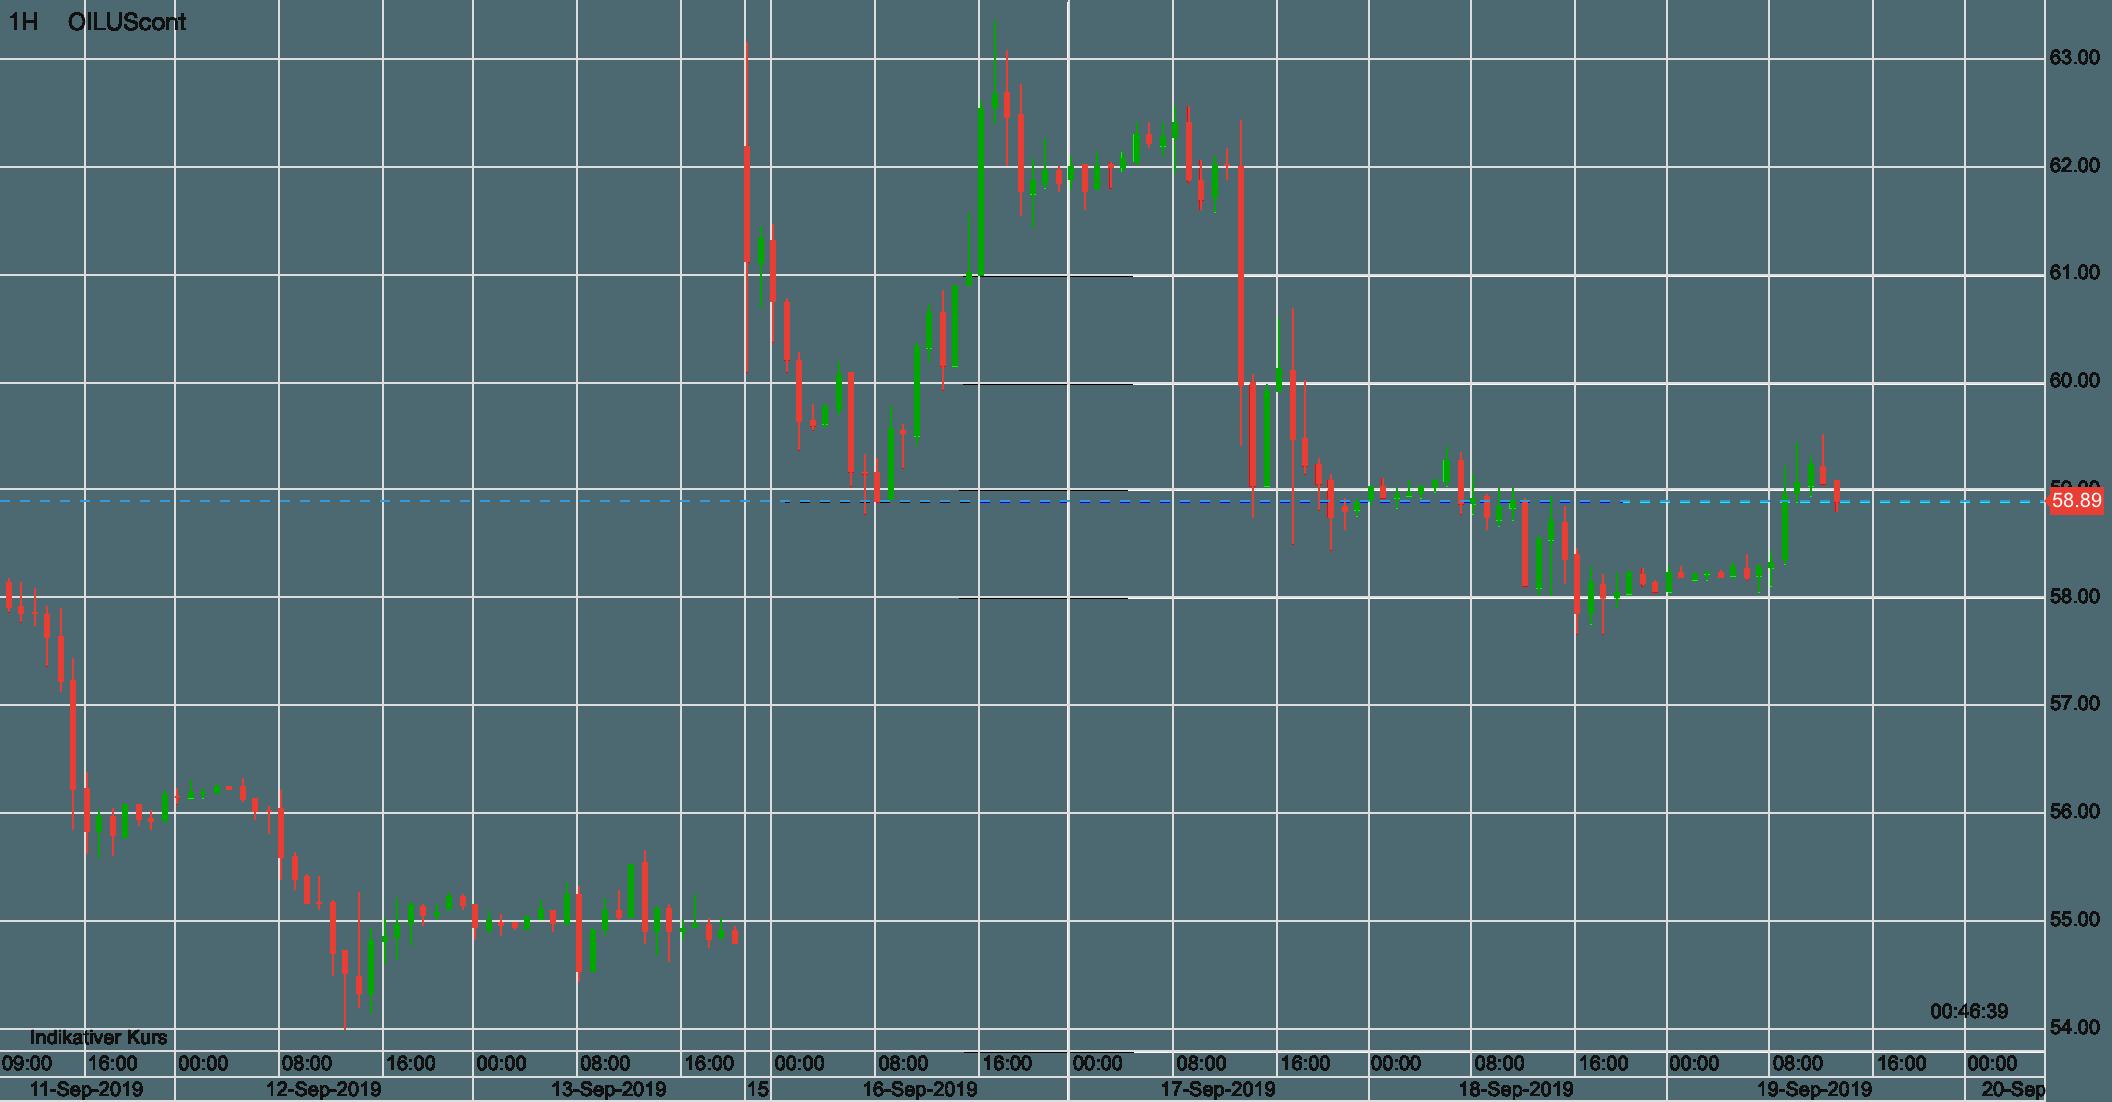 Ölpreis WTI seit Mitte letzter Woche